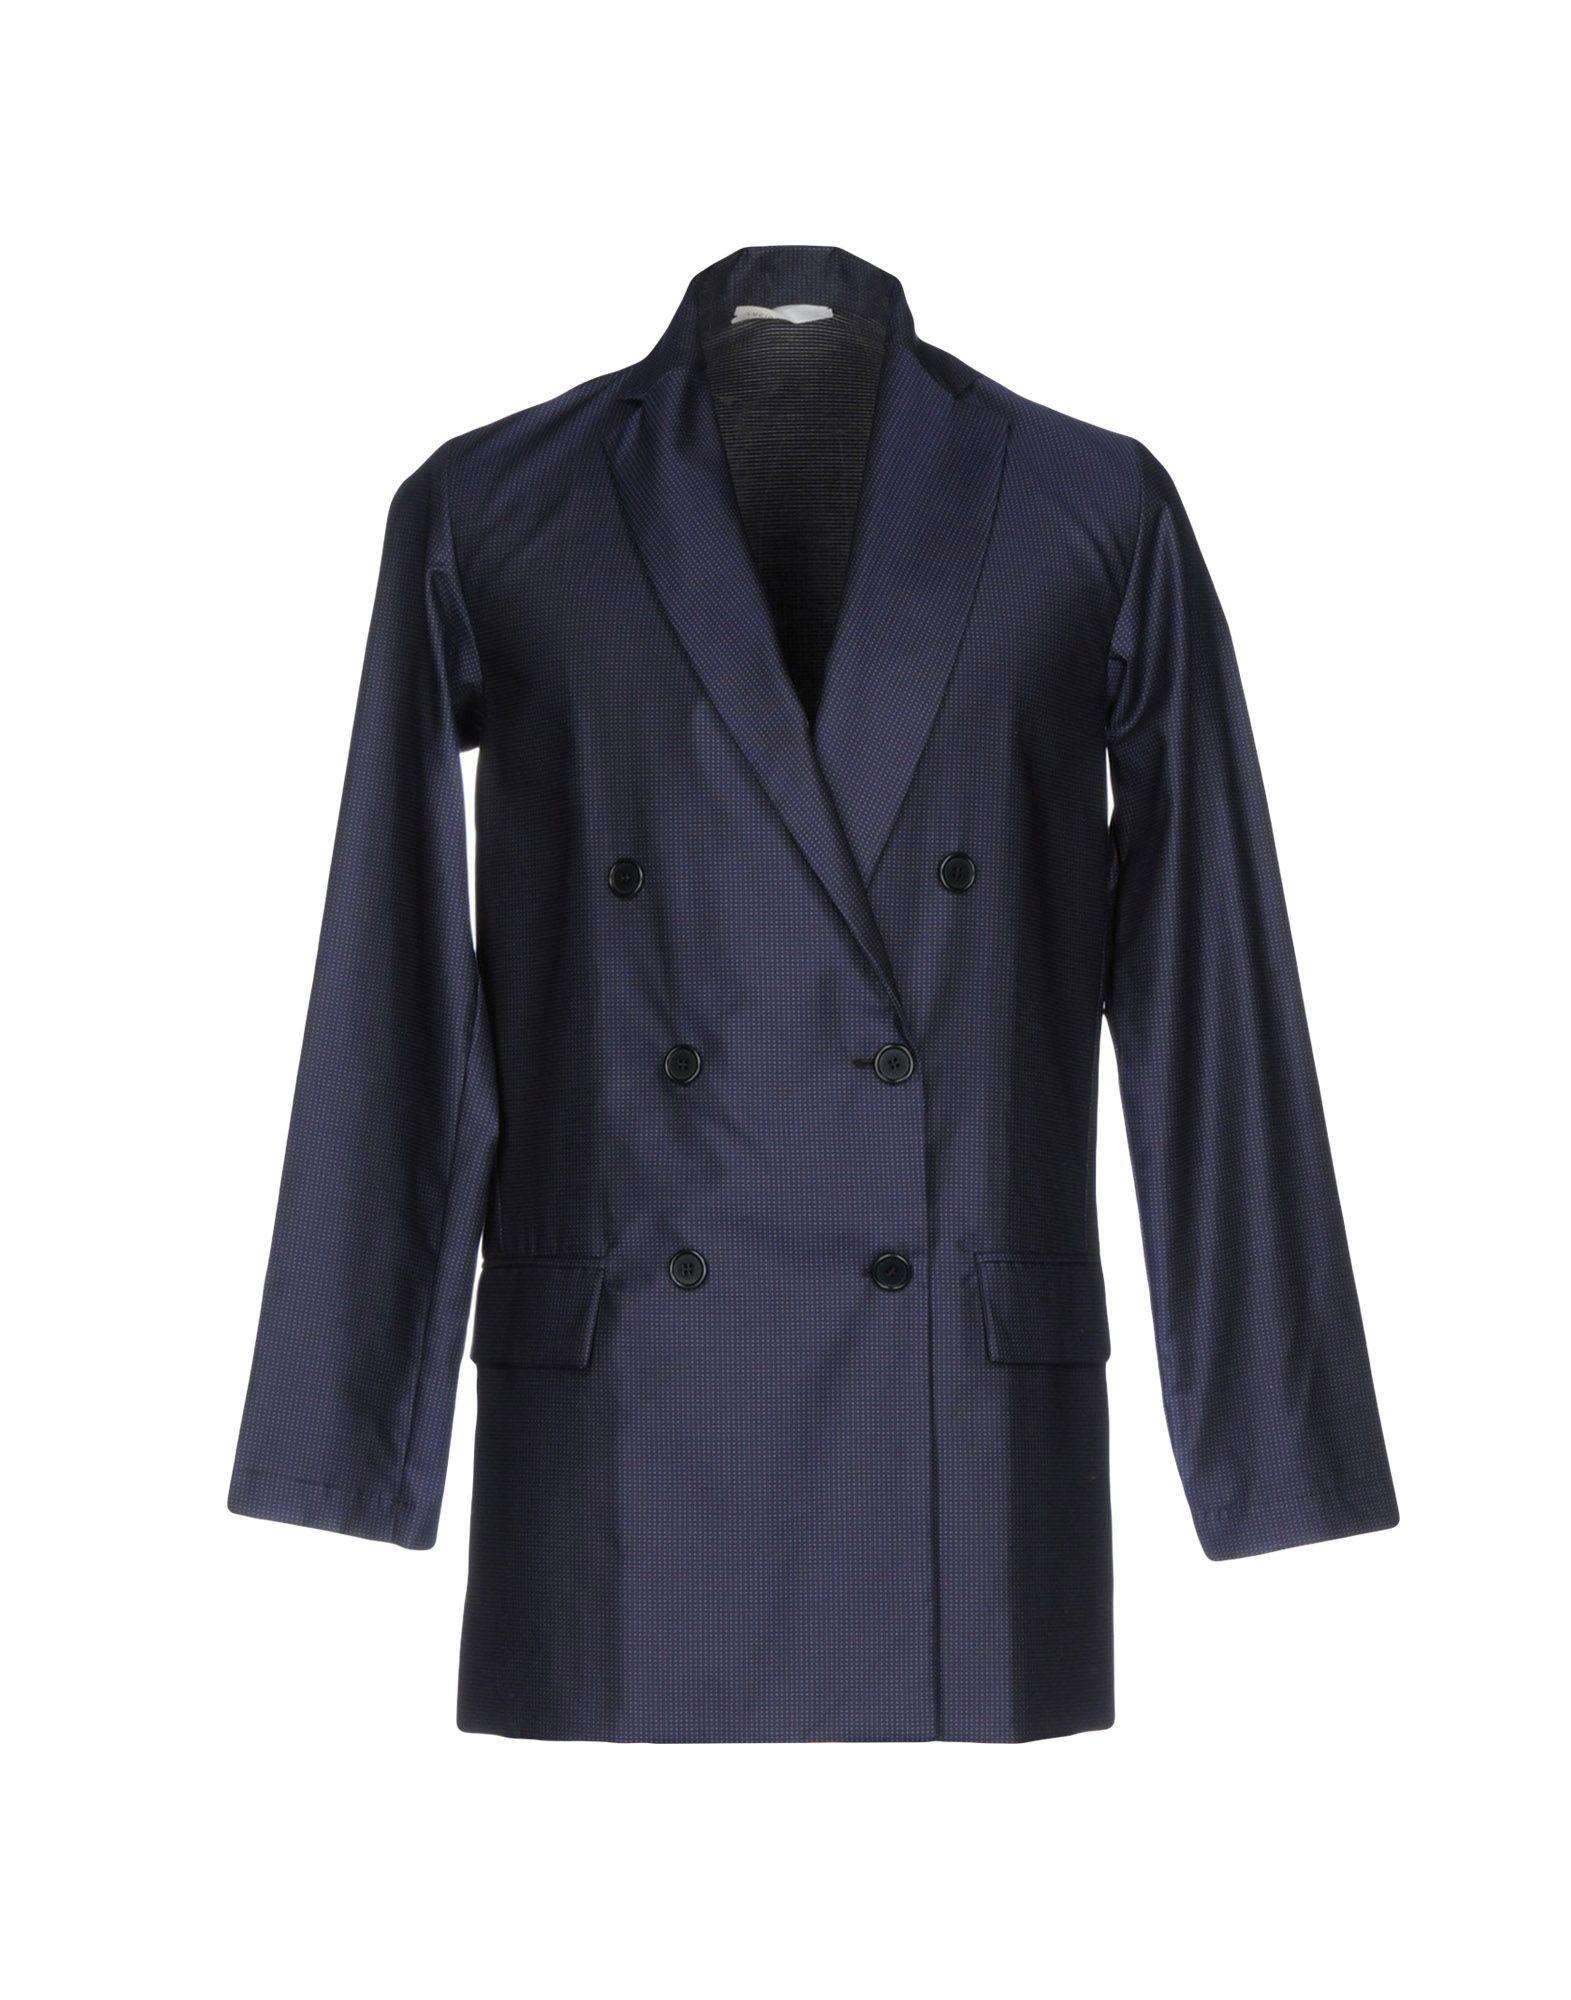 《送料無料》LUCIO VANOTTI メンズ テーラードジャケット ダークブルー 3 コットン 100%